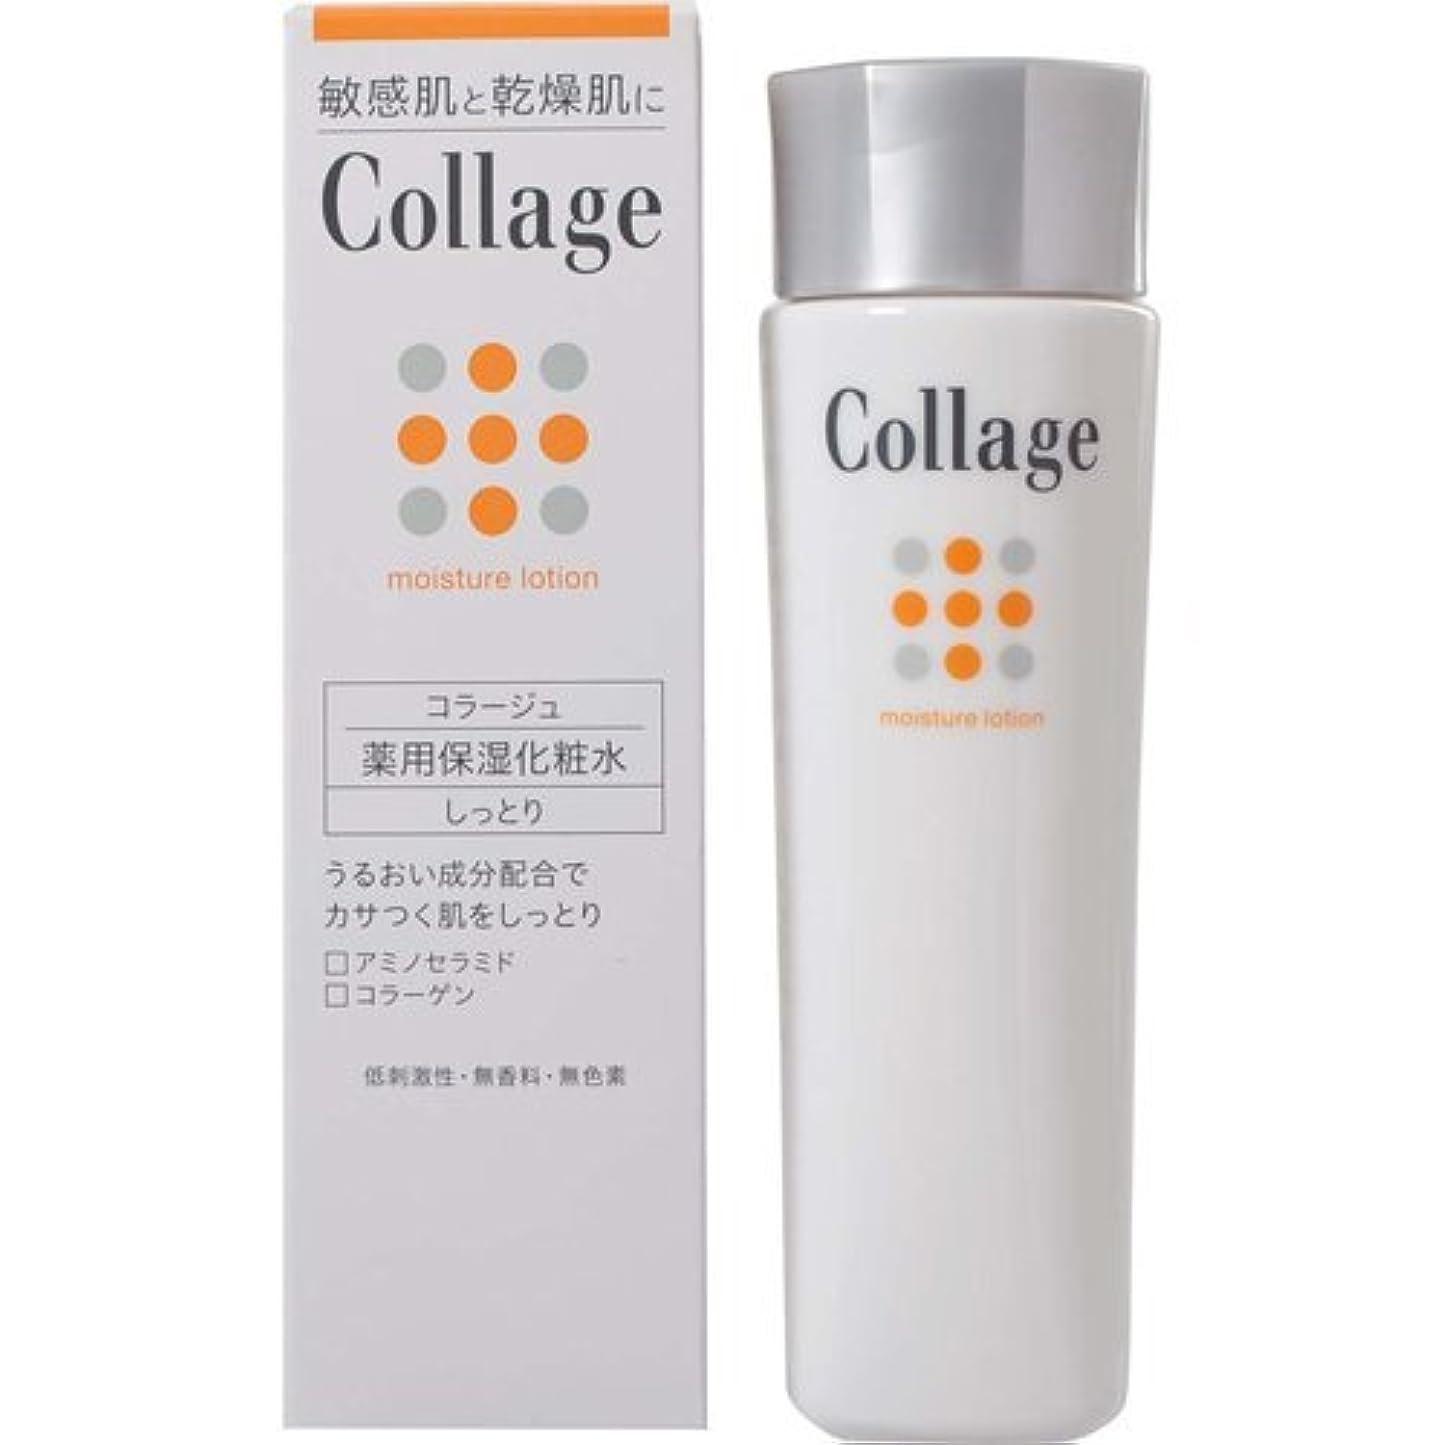 分離する項目平日コラージュ 薬用保湿化粧水 しっとり 120mL ×6個